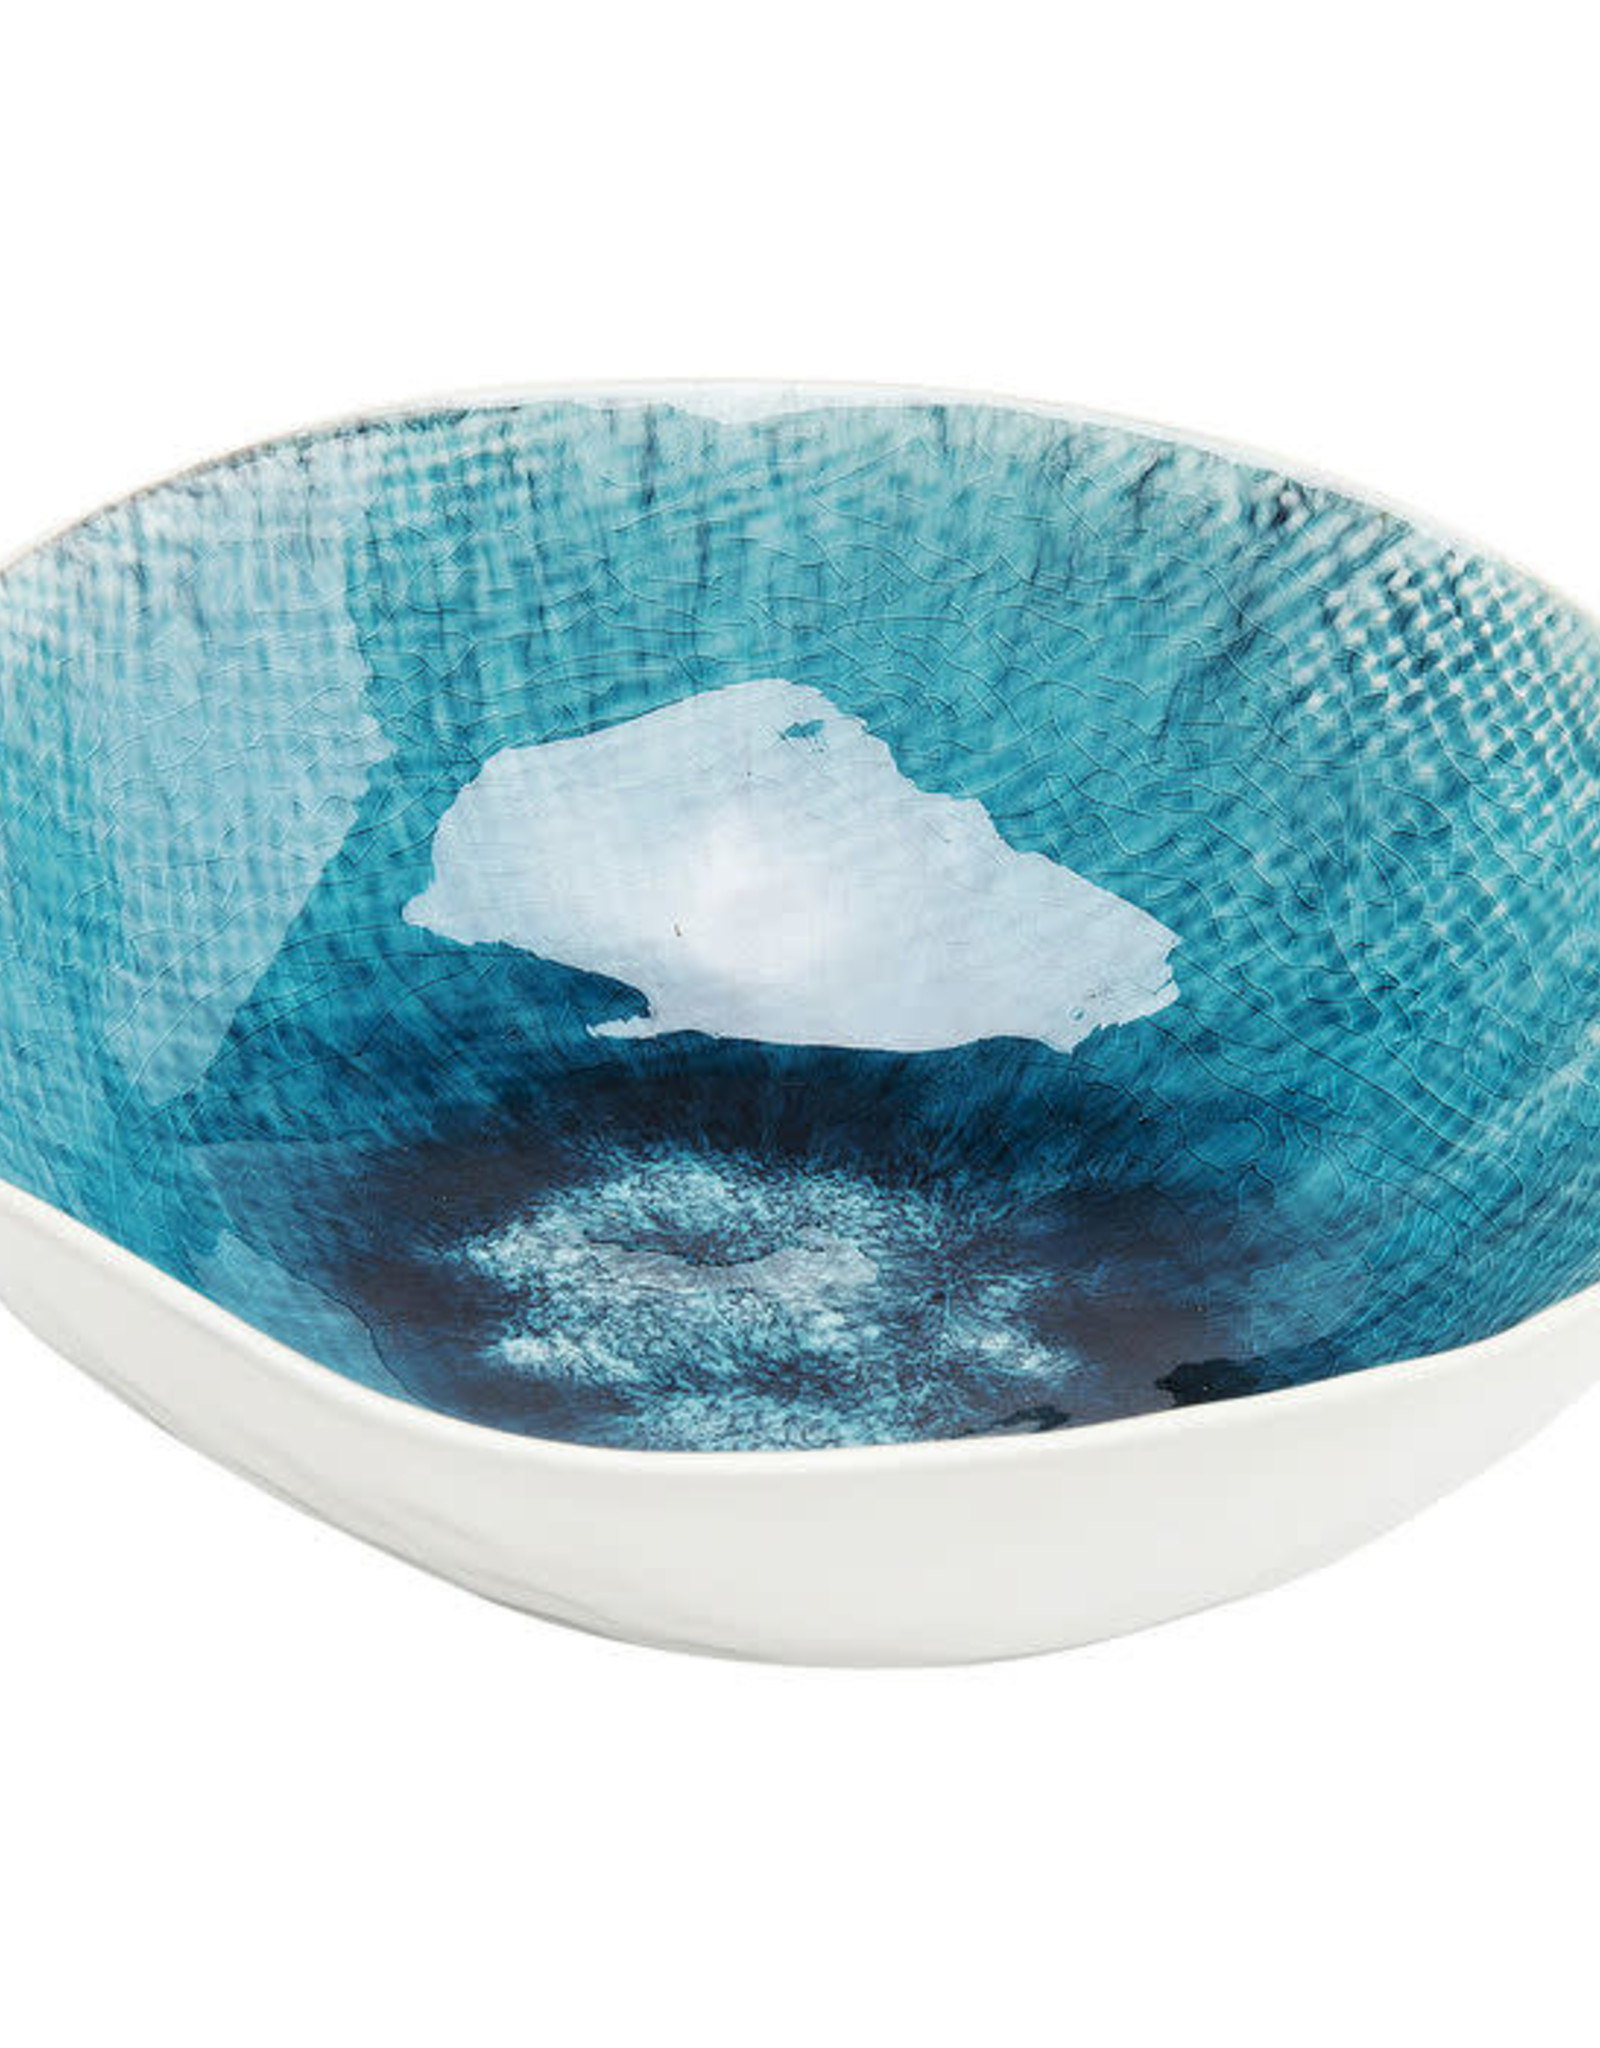 KARE DESIGN Bowl Mustique Rim Ø 17 cm